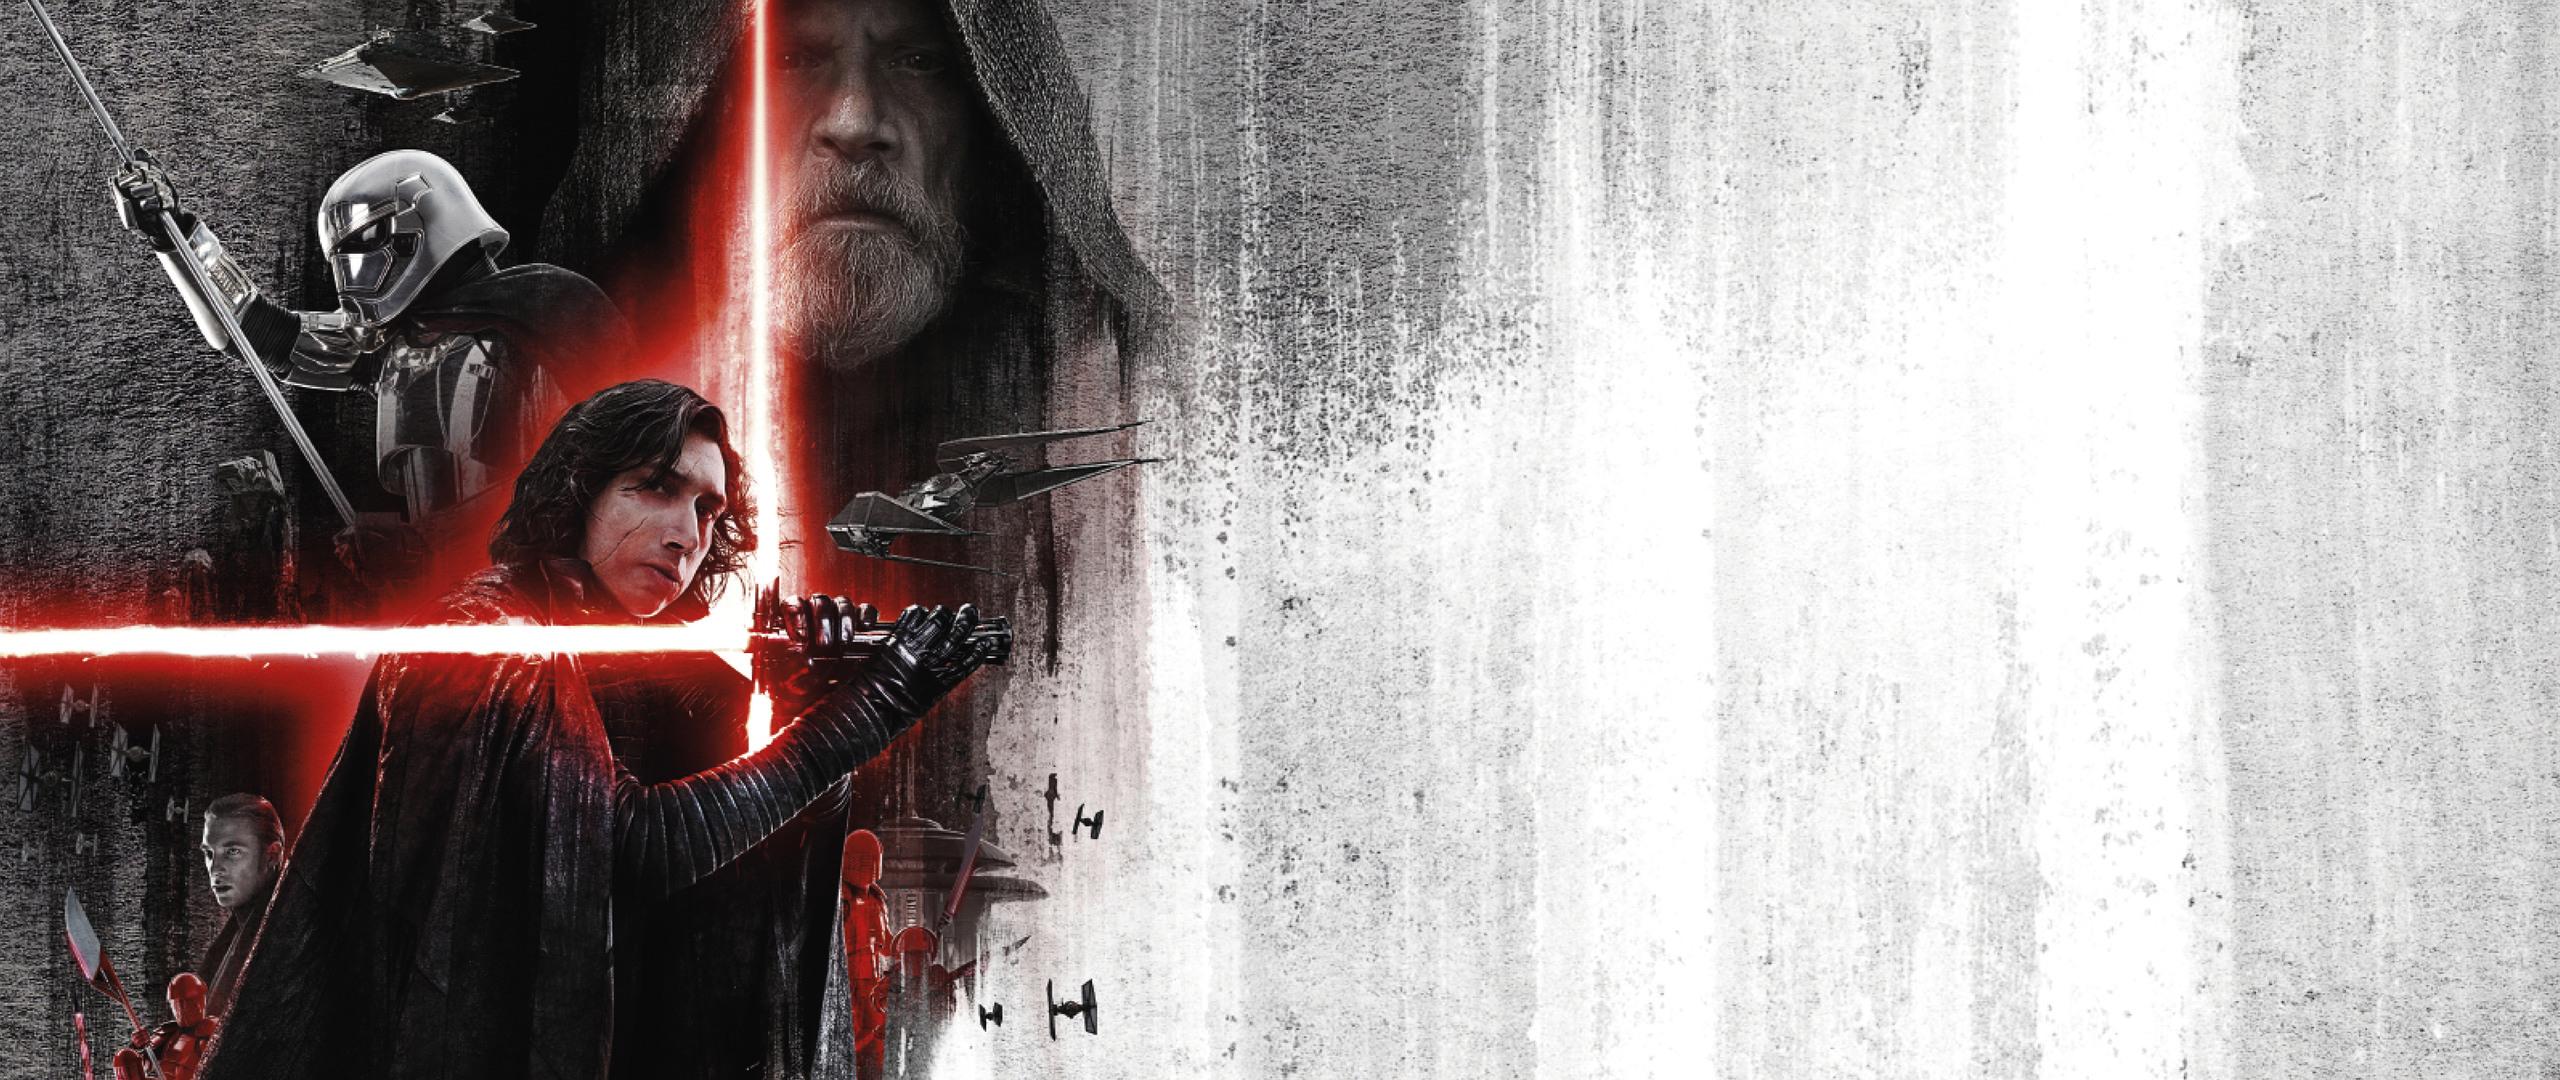 Star Wars Last Jedi Wallpaper: 2560x1080 Star Wars The Last Jedi 2017 10k 2560x1080